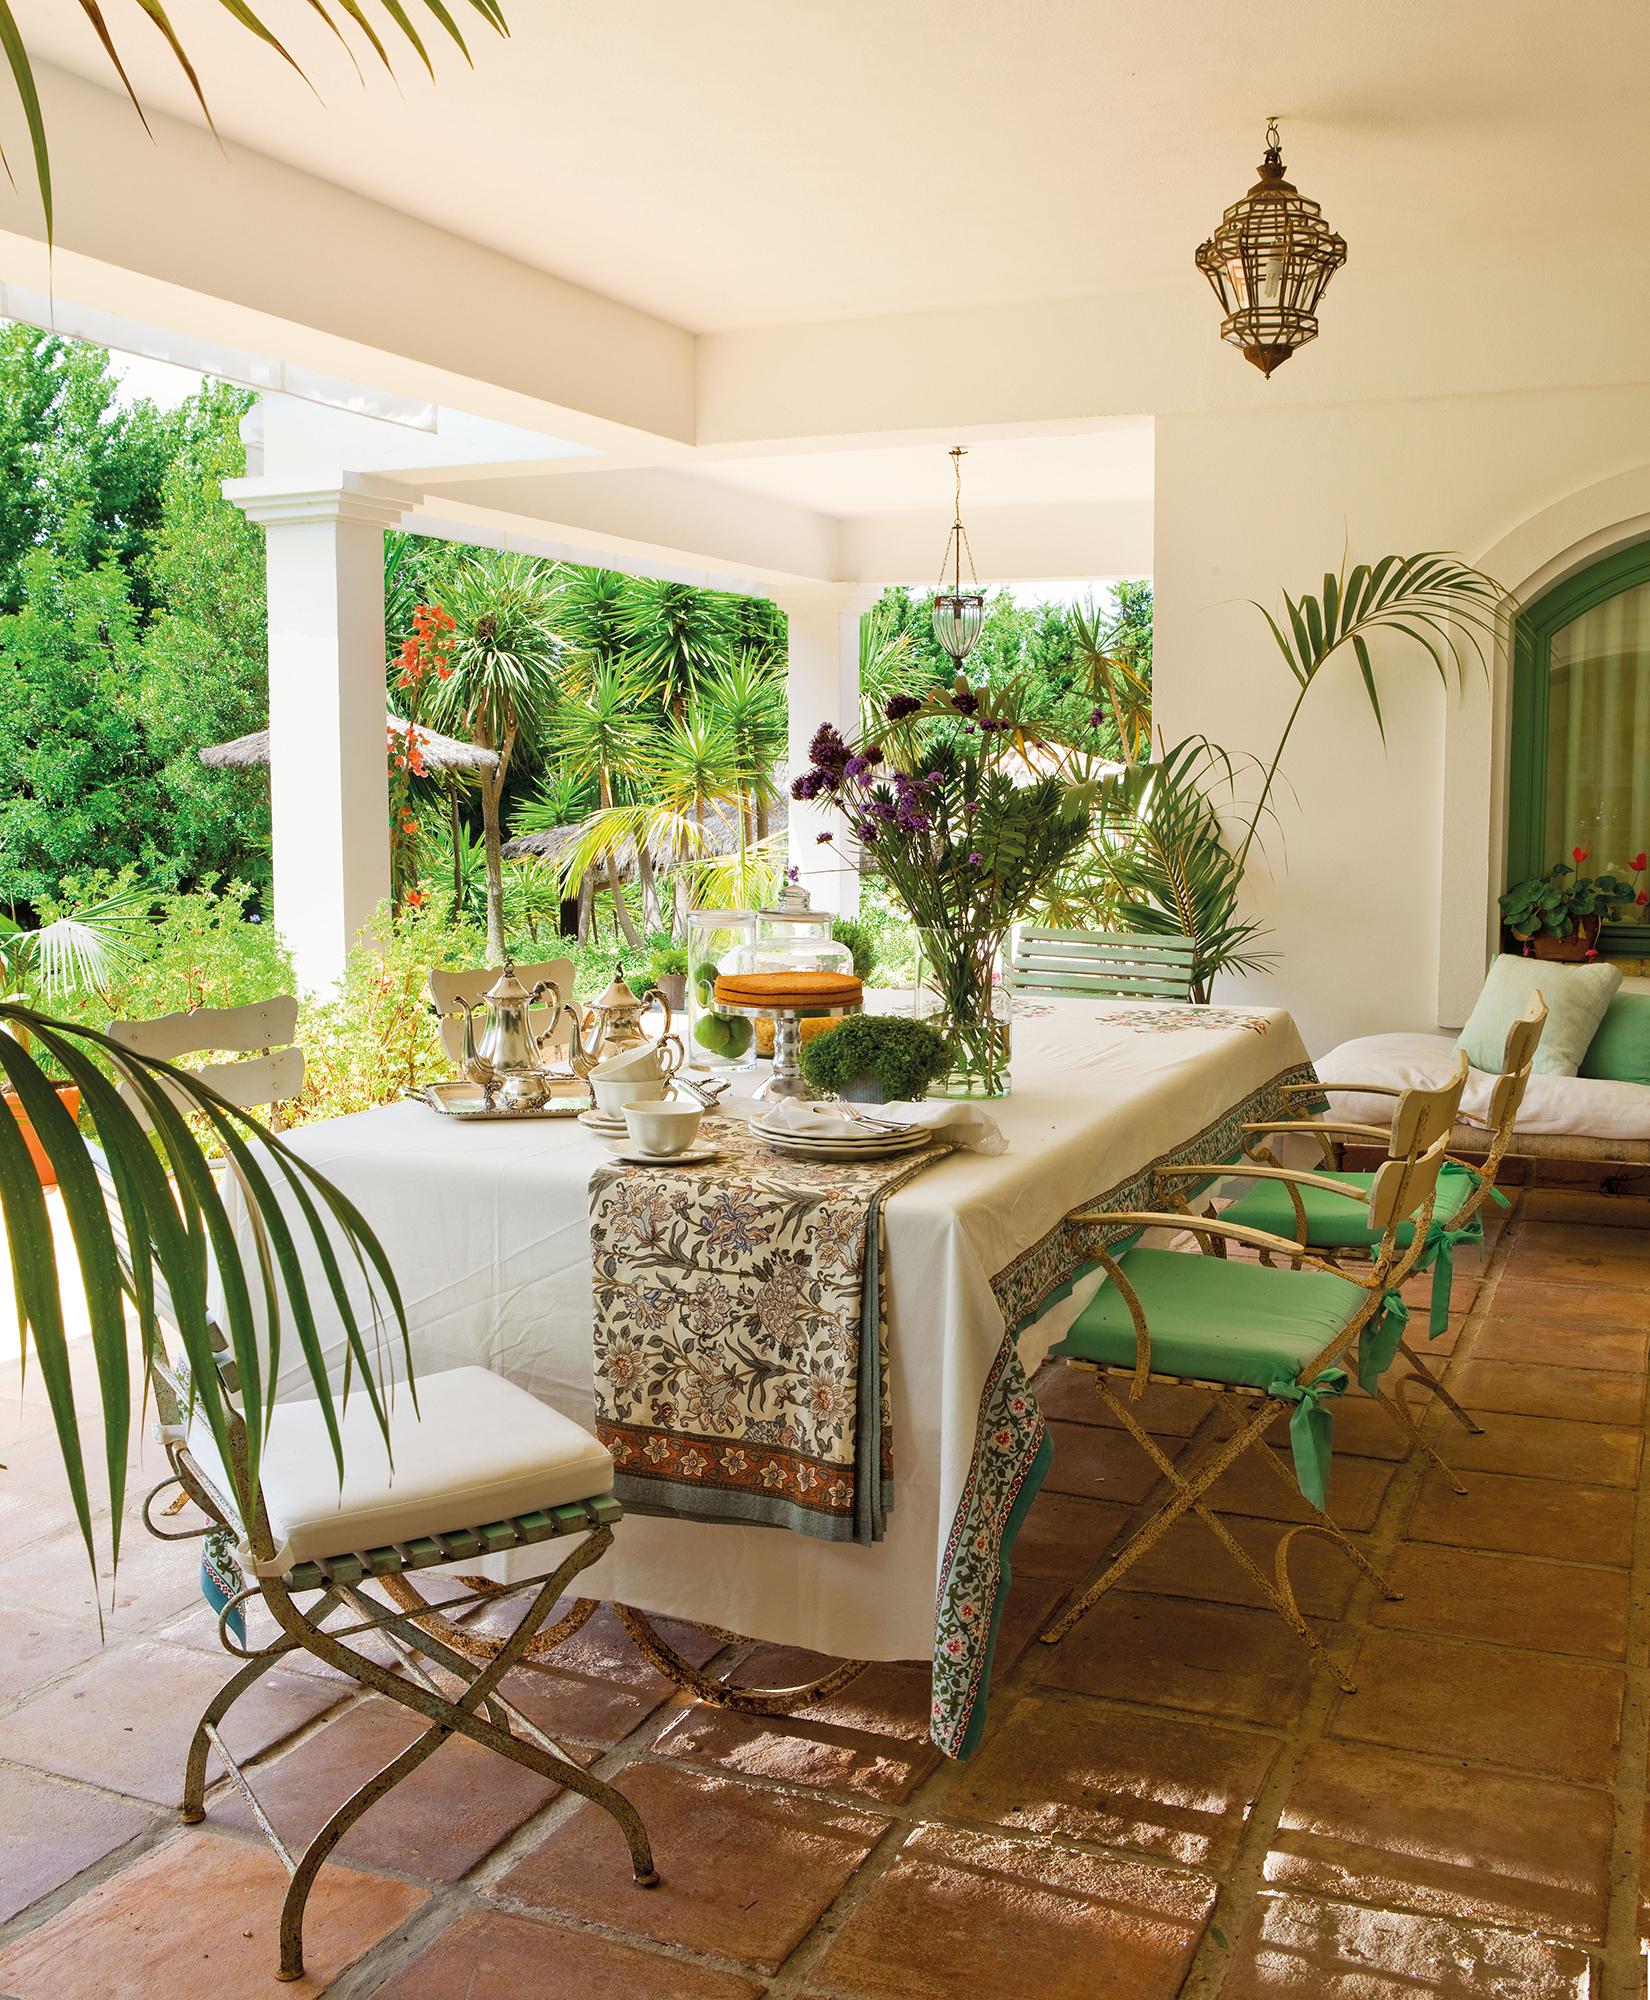 Comedores de exterior los 50 mejores de el mueble for Sillas comedor exterior